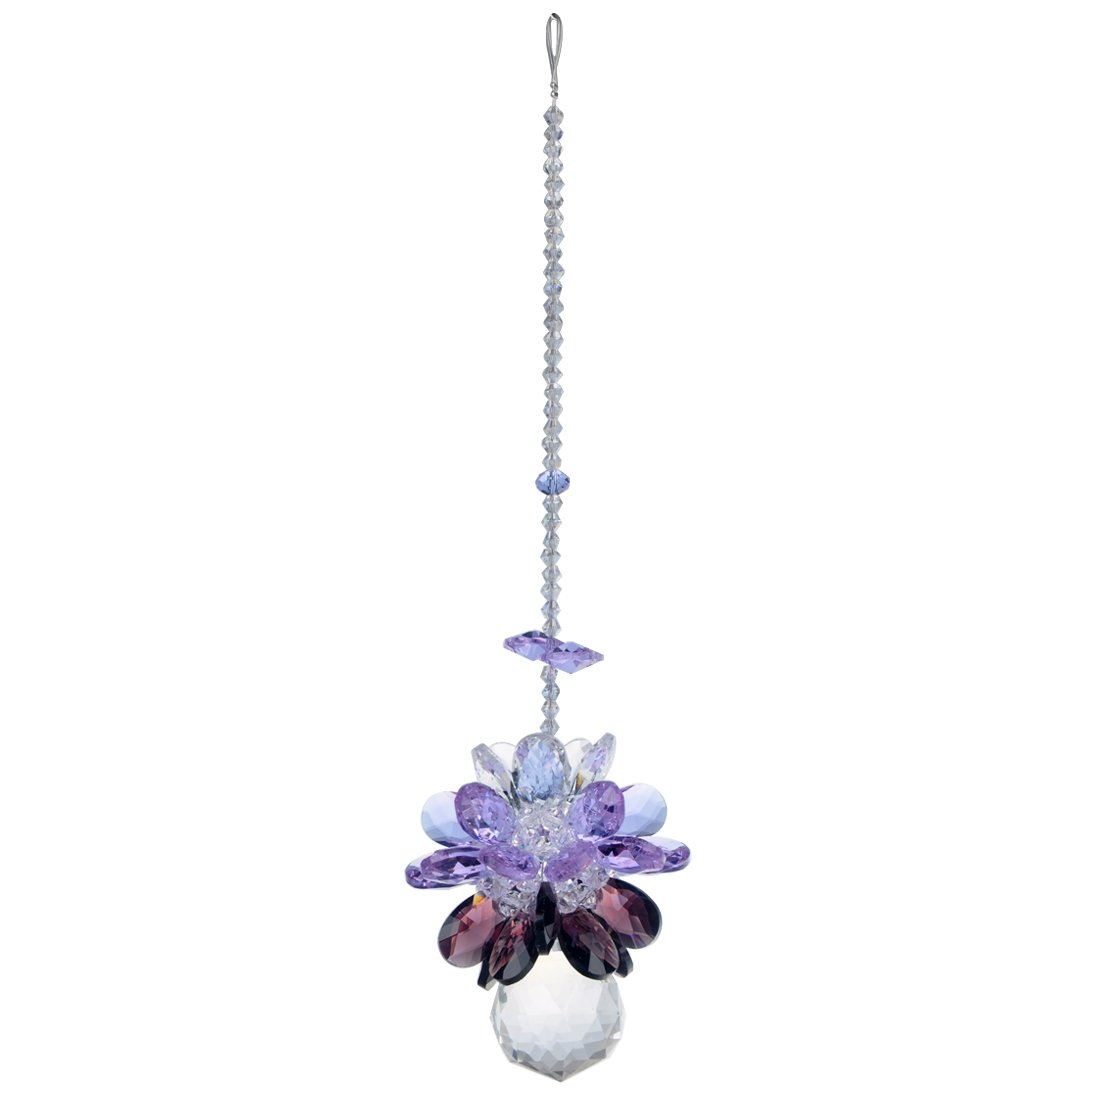 H & D Clear Crystal Ball ciondolo appeso lungo Sun Catcher viola decorazione di nozze